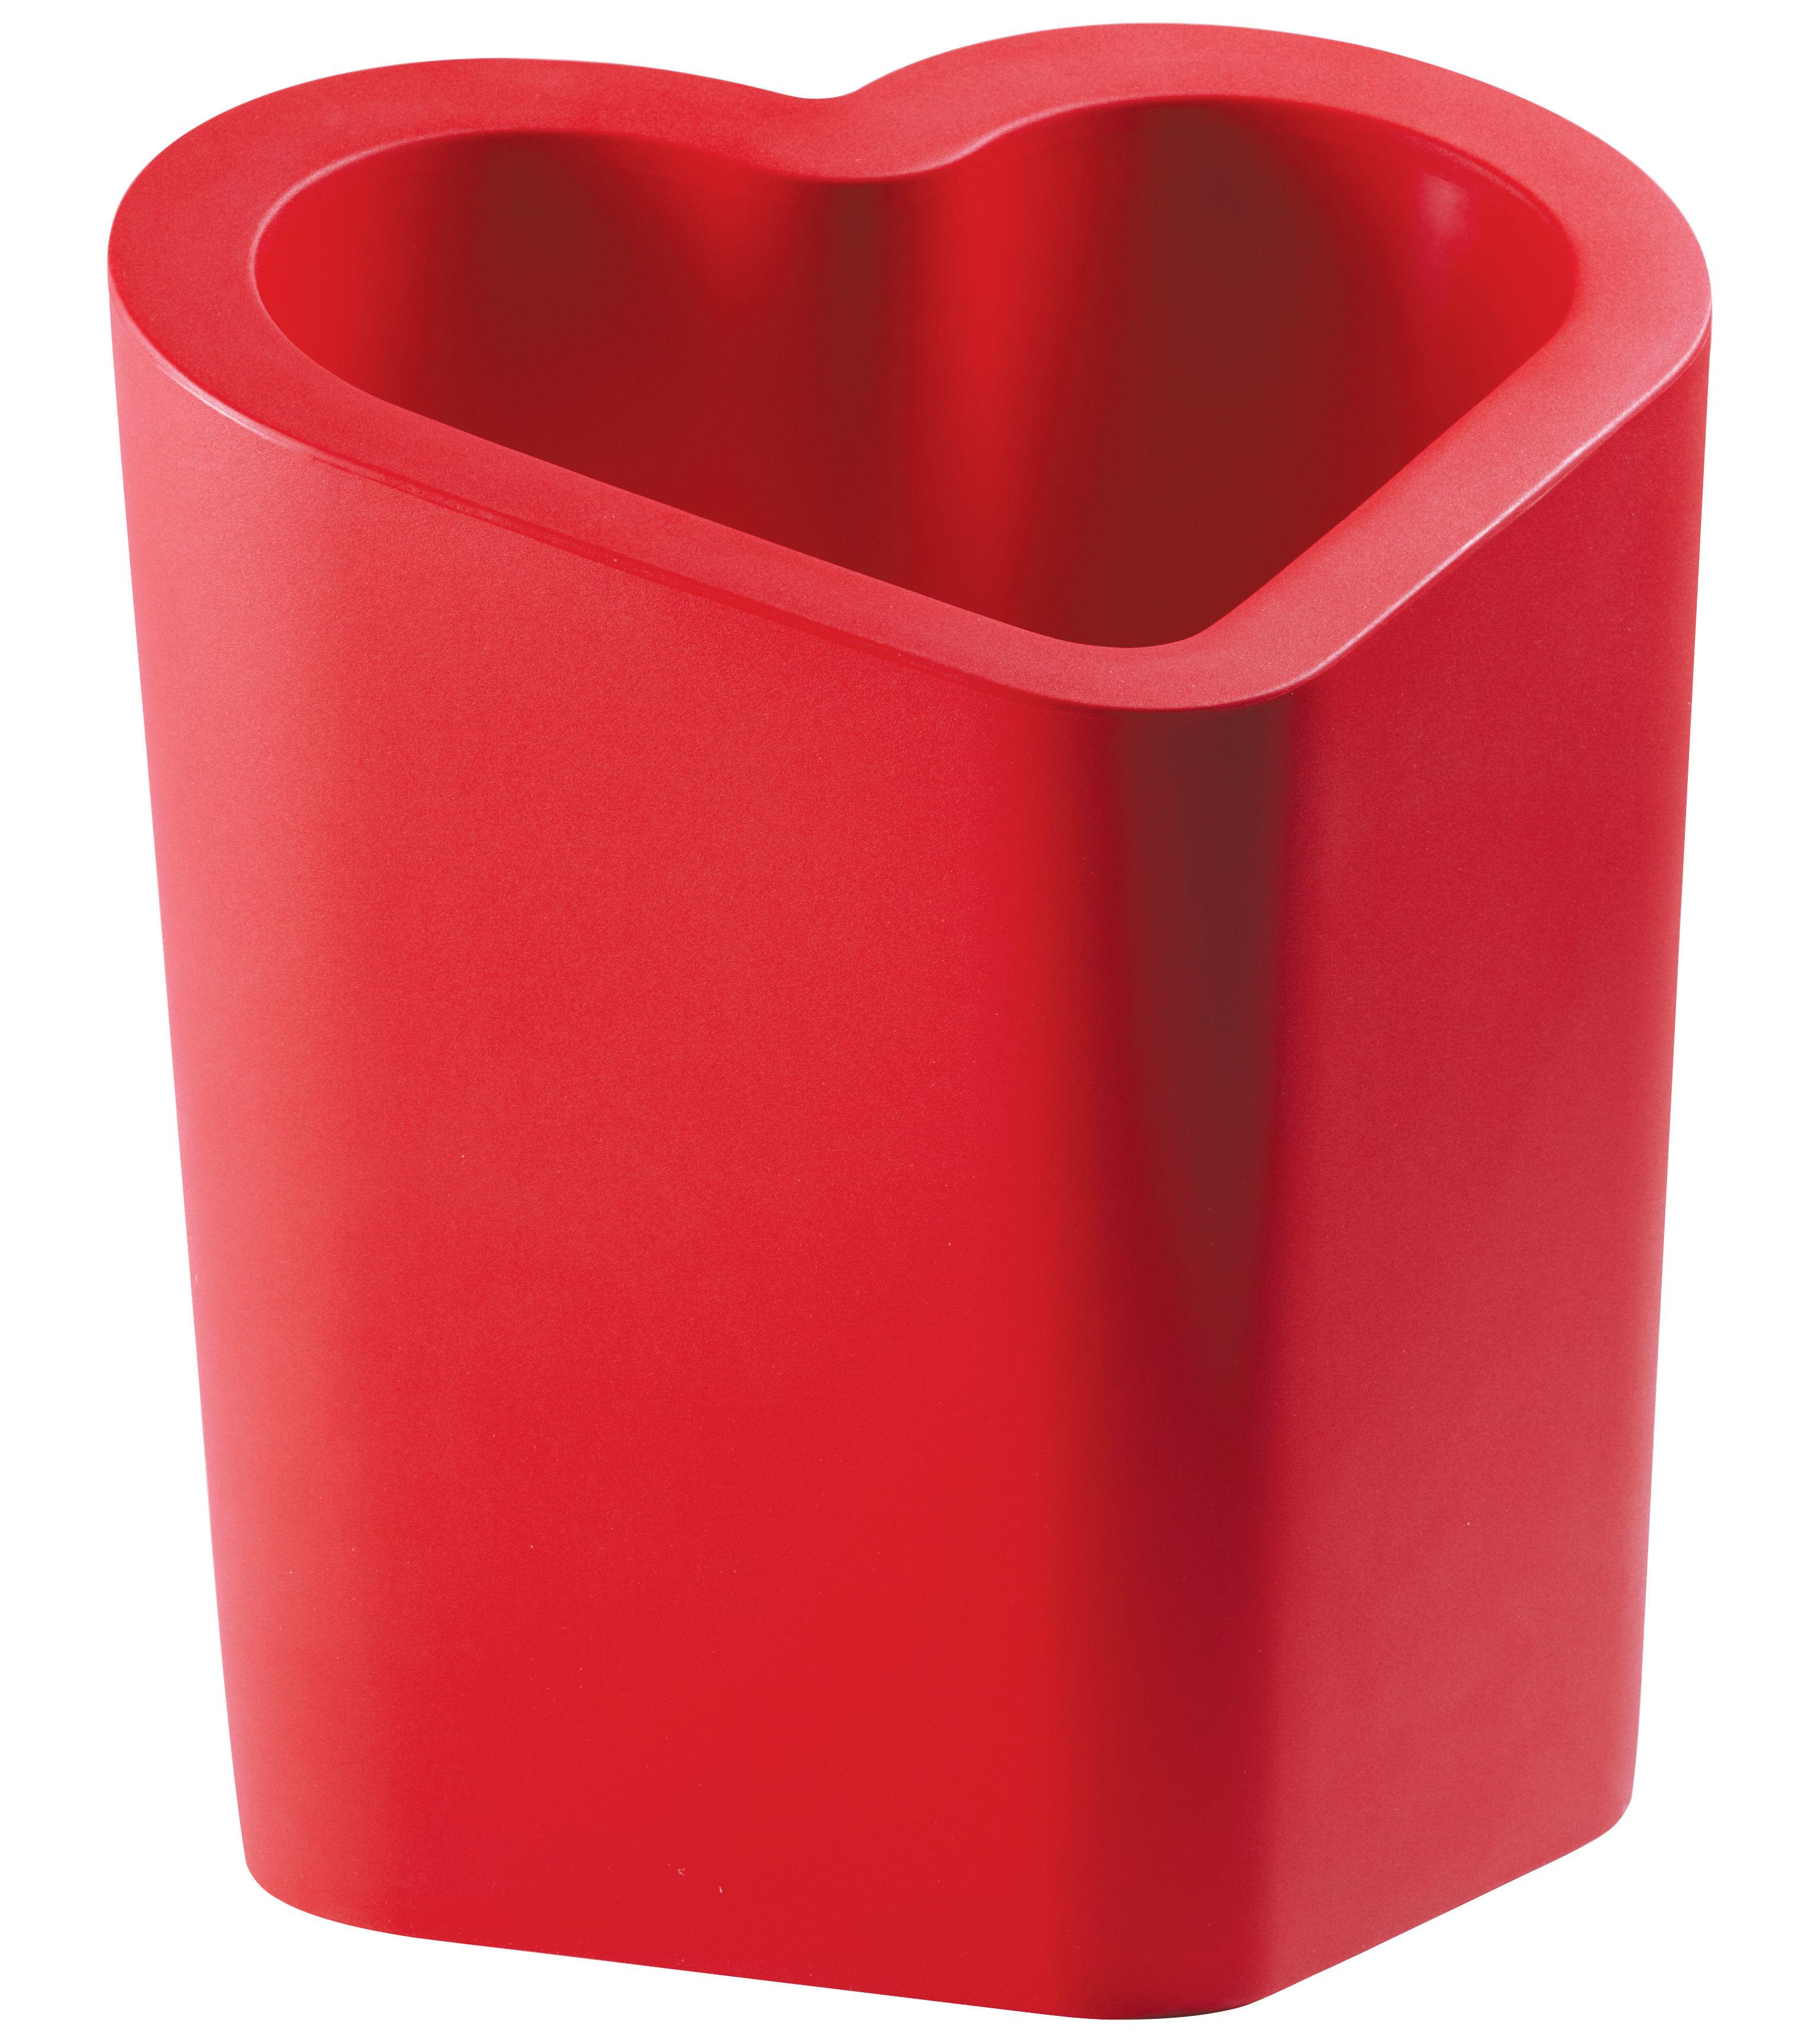 Outdoor - Vasi e Piante - Vaso per fiori Mon Amour di Slide - Rosso - polietilene riciclabile